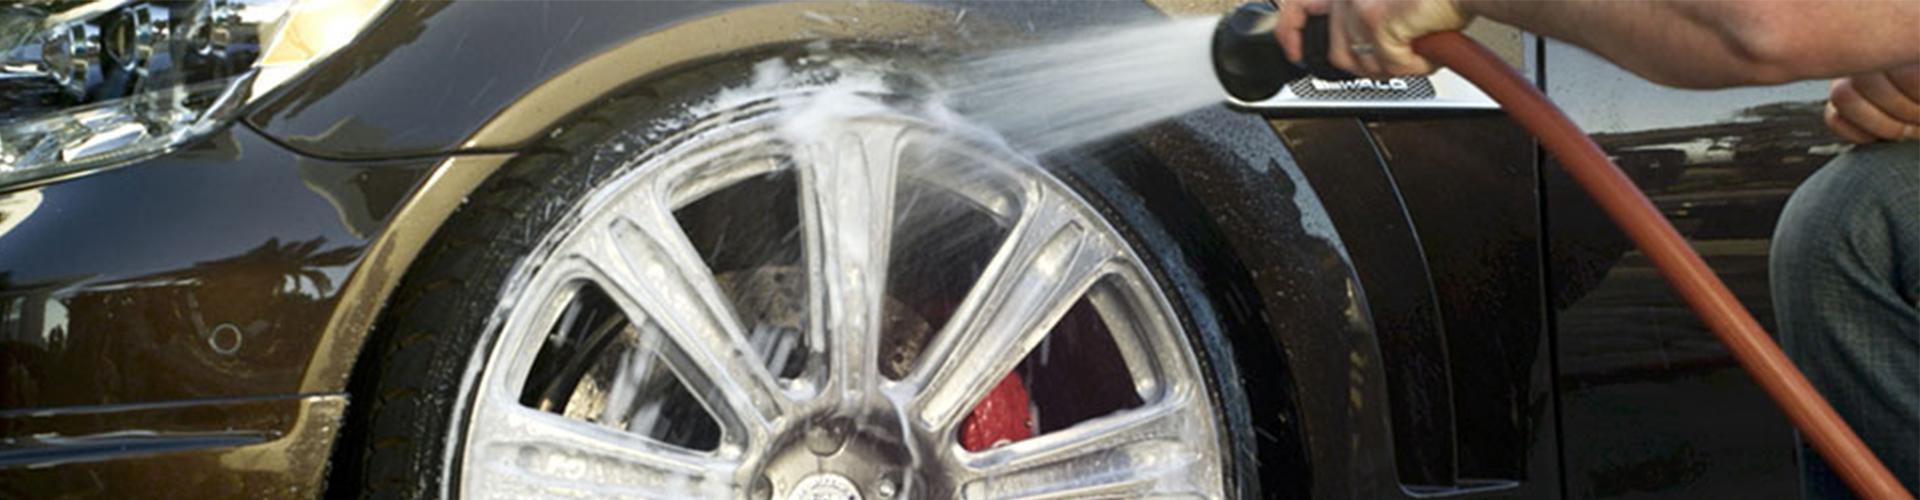 tire_hosing_wide